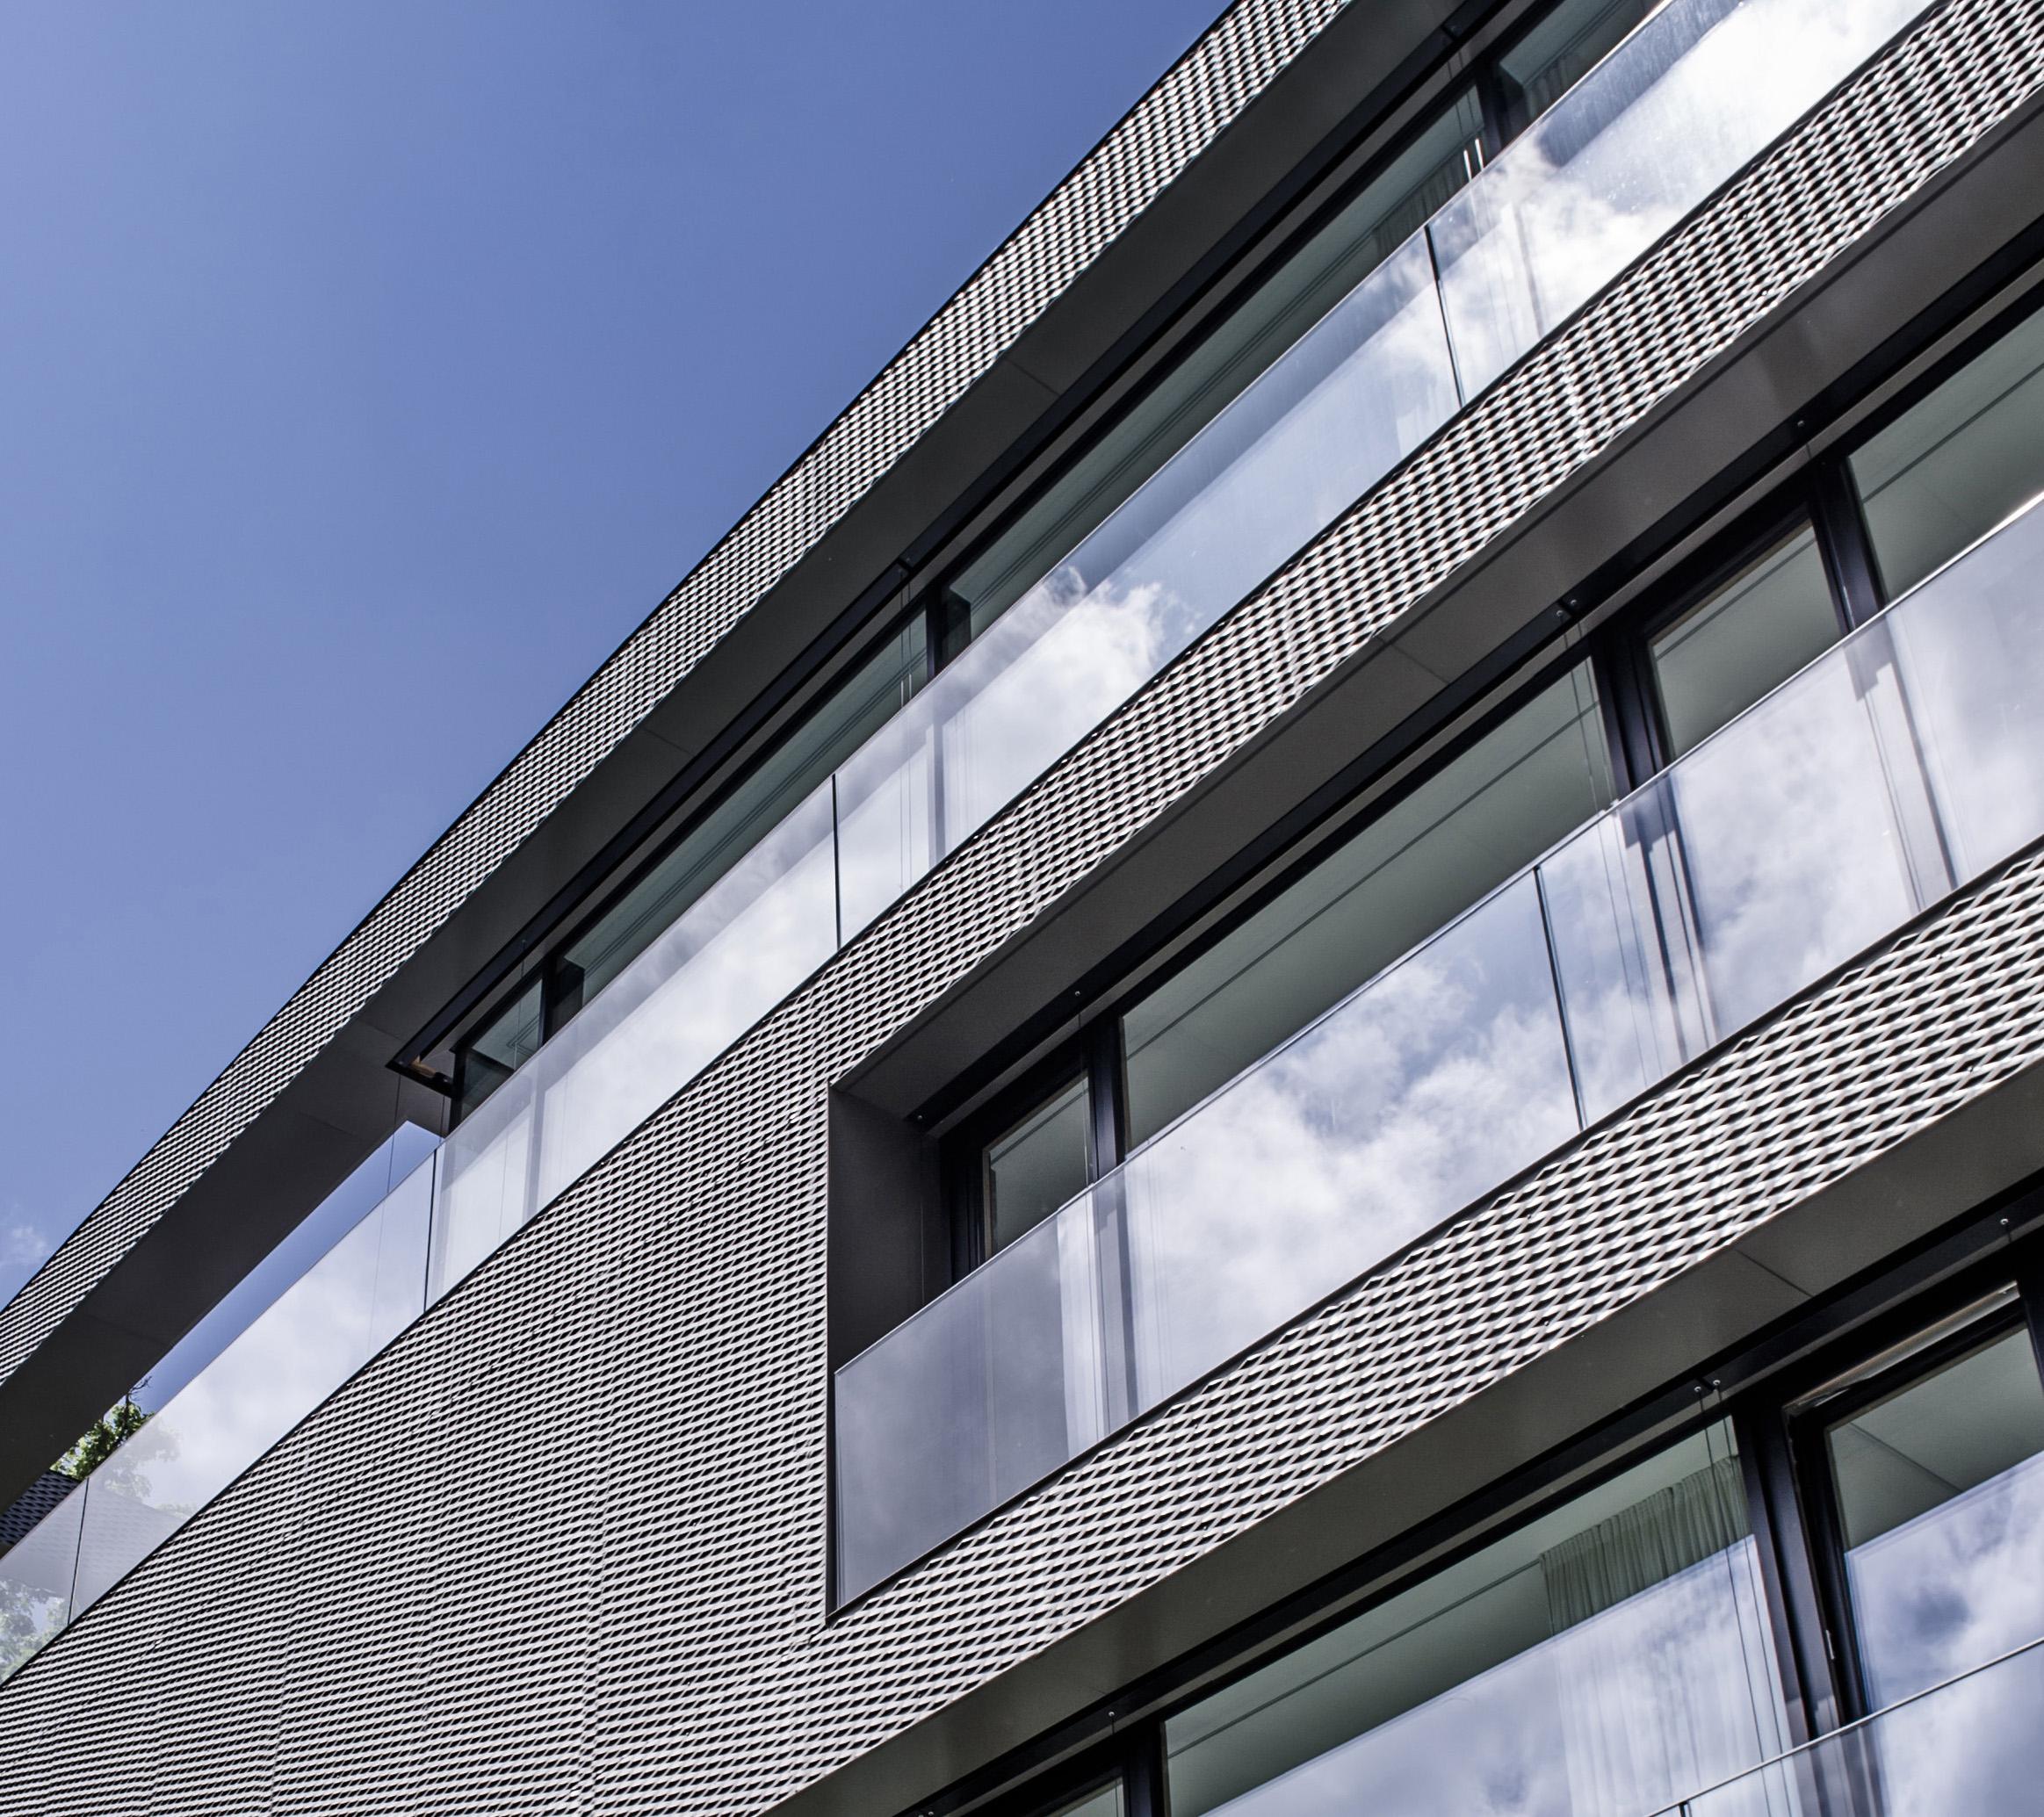 Wolf_WohnhausZ_Fassade Detail.jpg